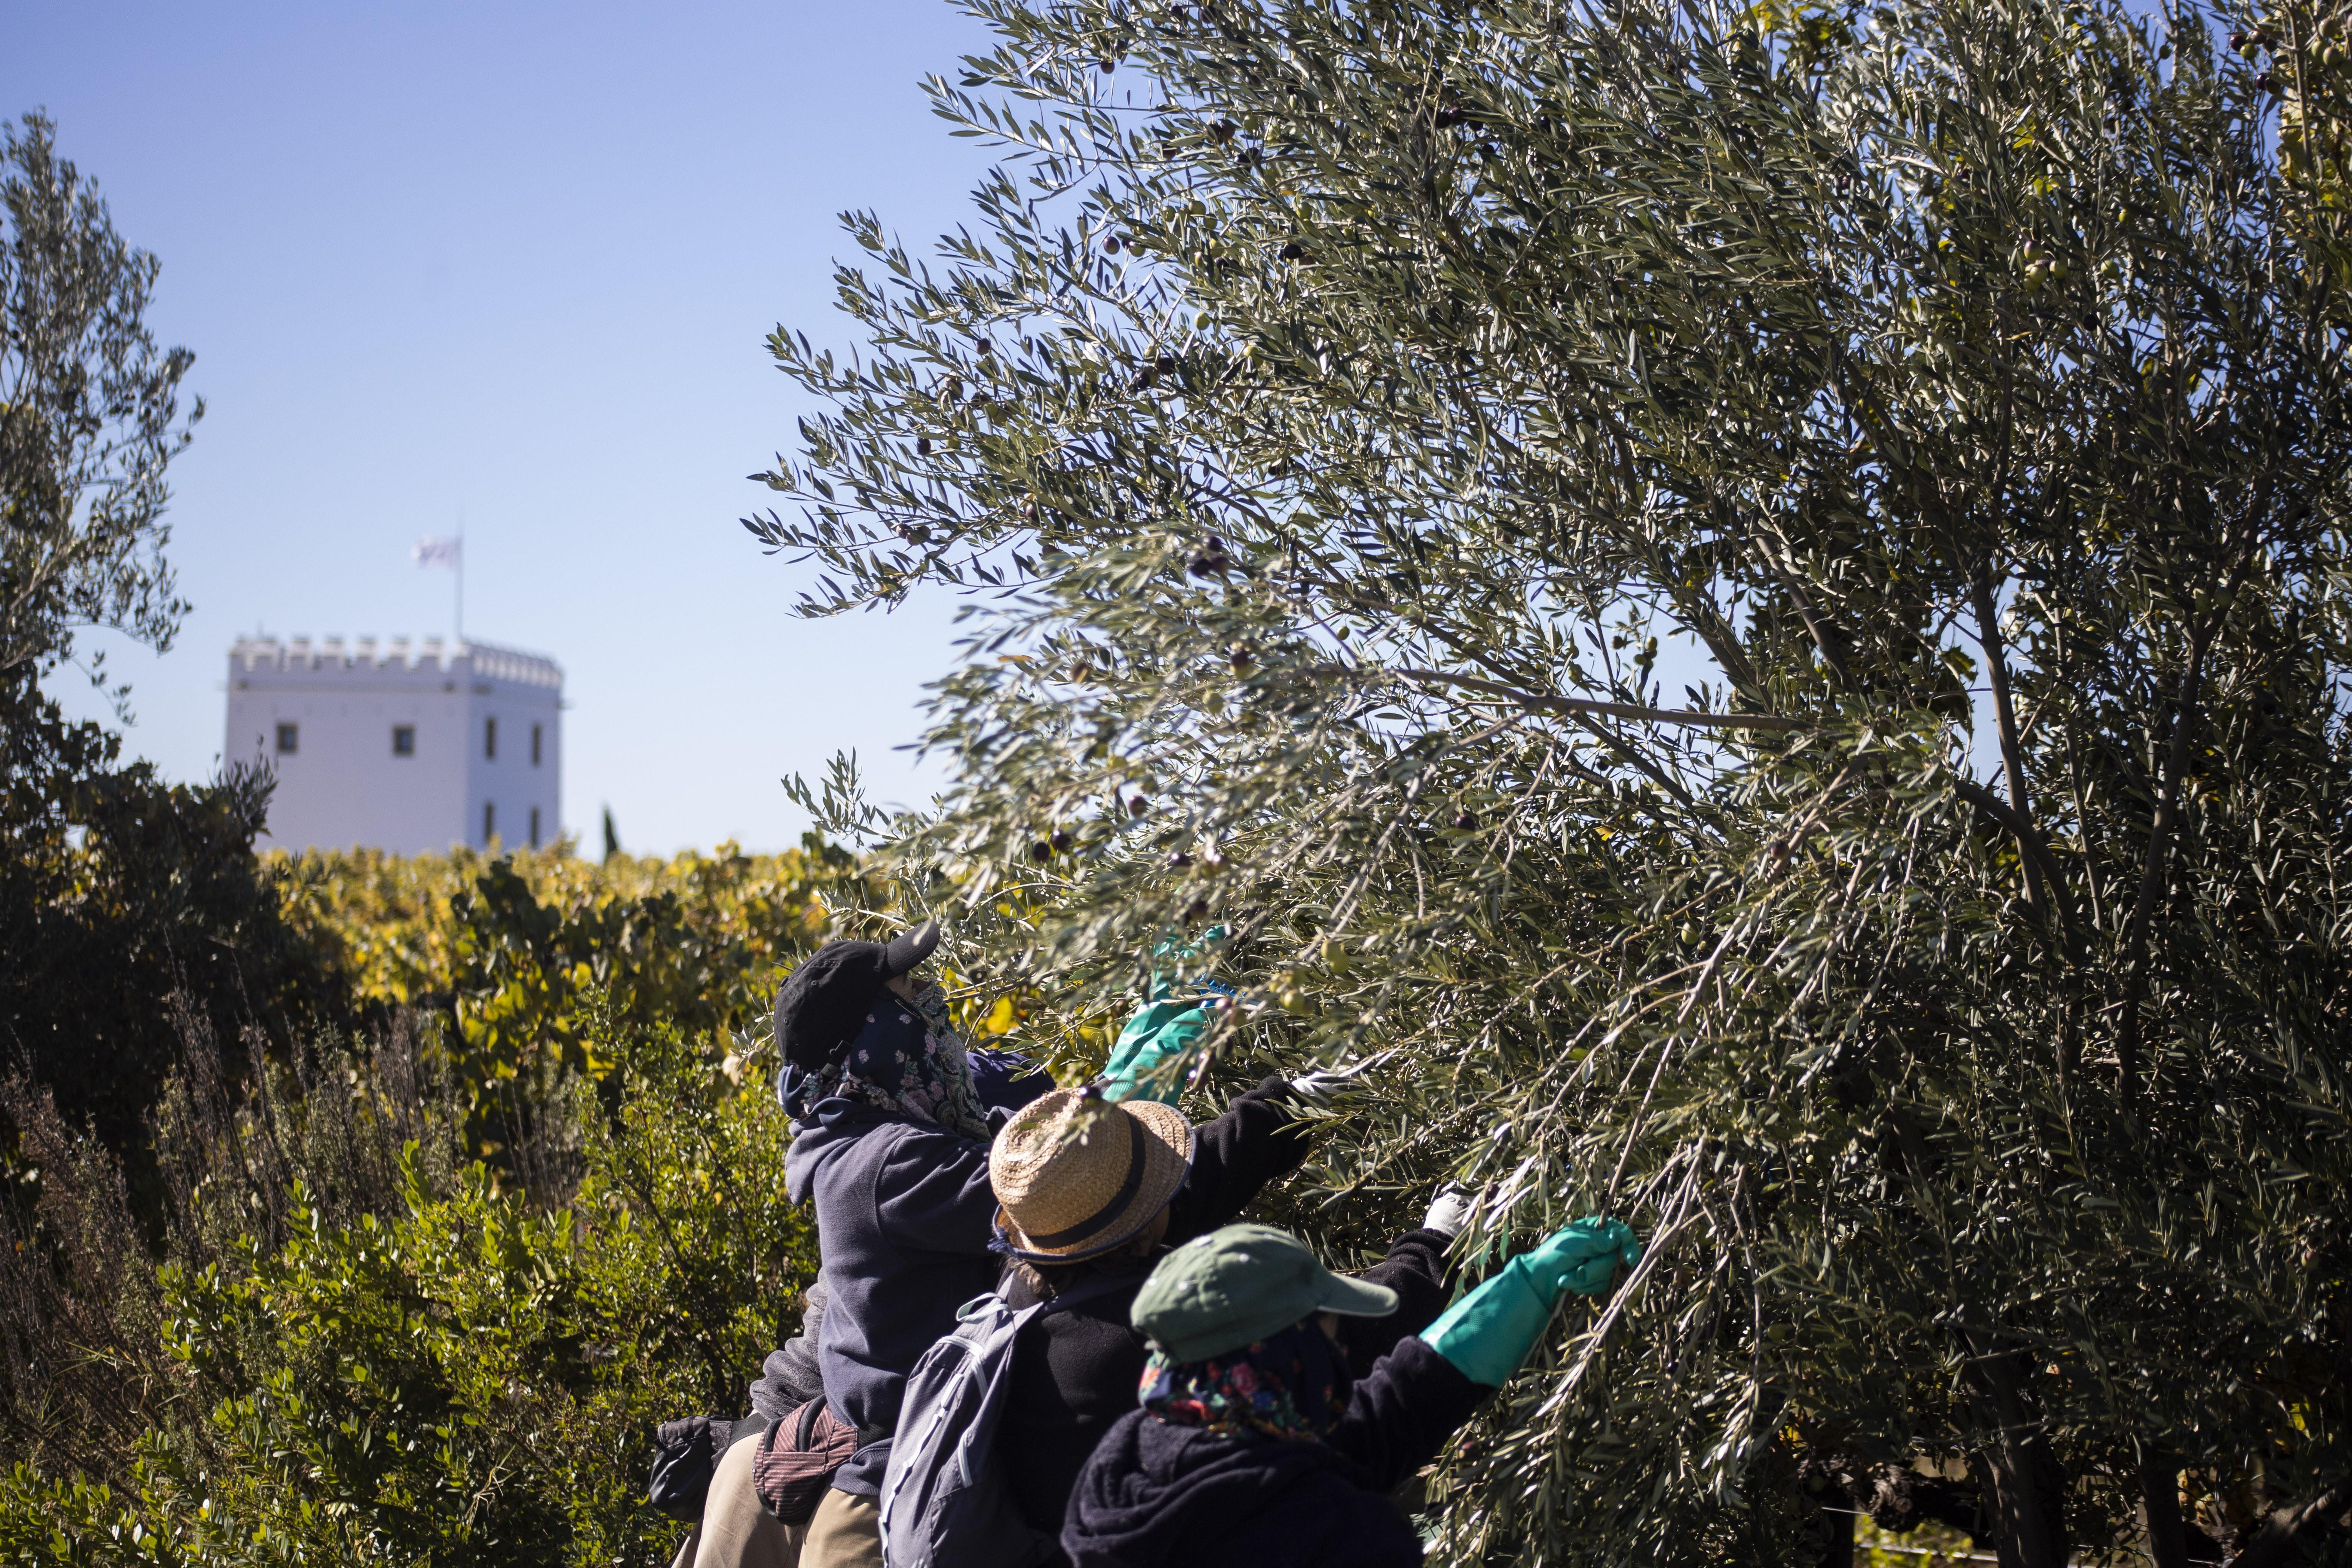 colheita-azeitona-azeite (Foto: Herdade Esporão)